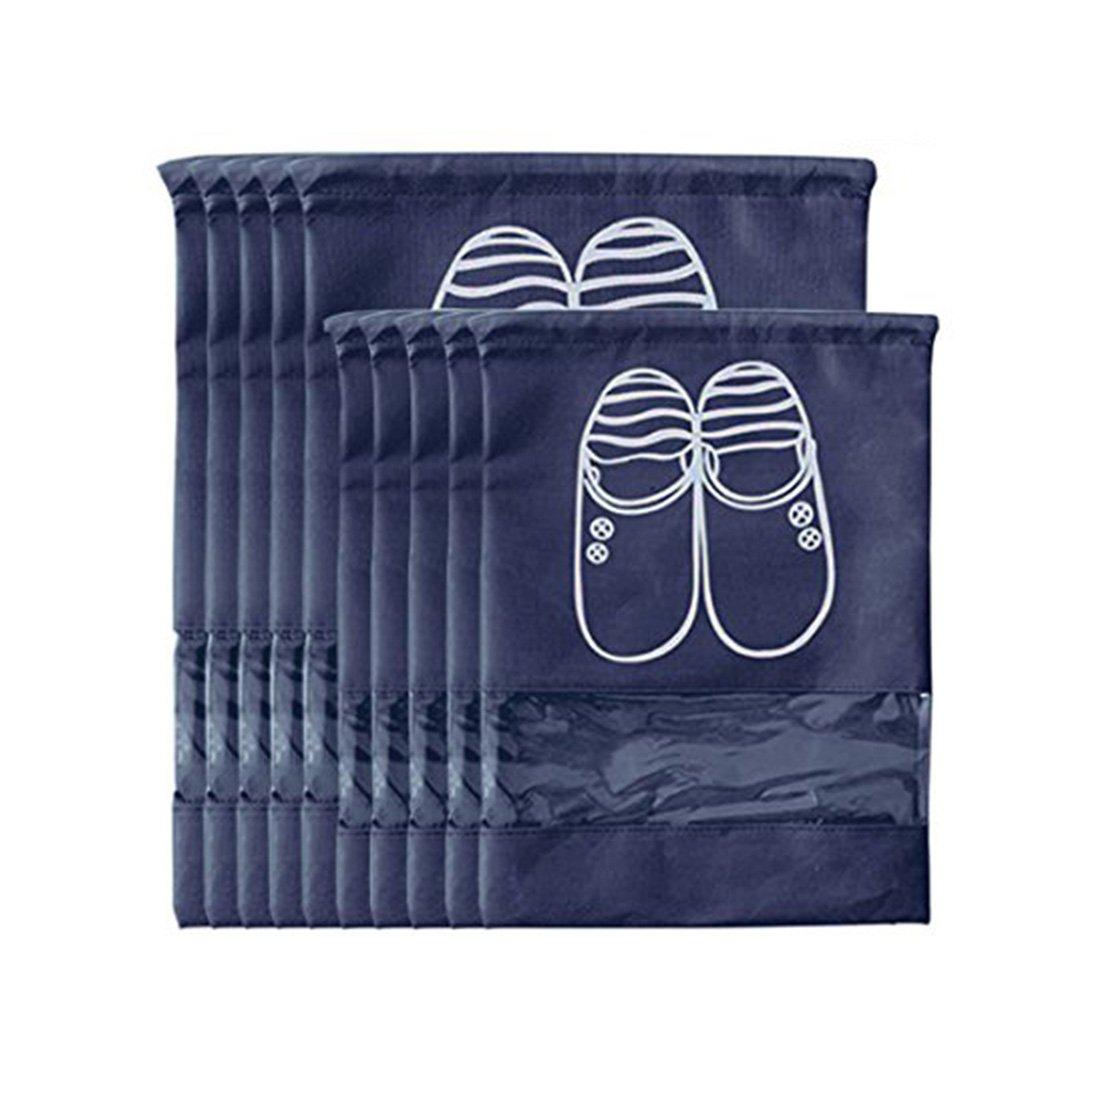 Pinji Lot de 10 Sac à Chaussures de Voyage Portables Respirants Anti-Poussière Housse de Chaussures de Voyage Sac de Rangement pour Chaussures 5 Grands et 5 Moyens pour Femmes Hommes Bleu